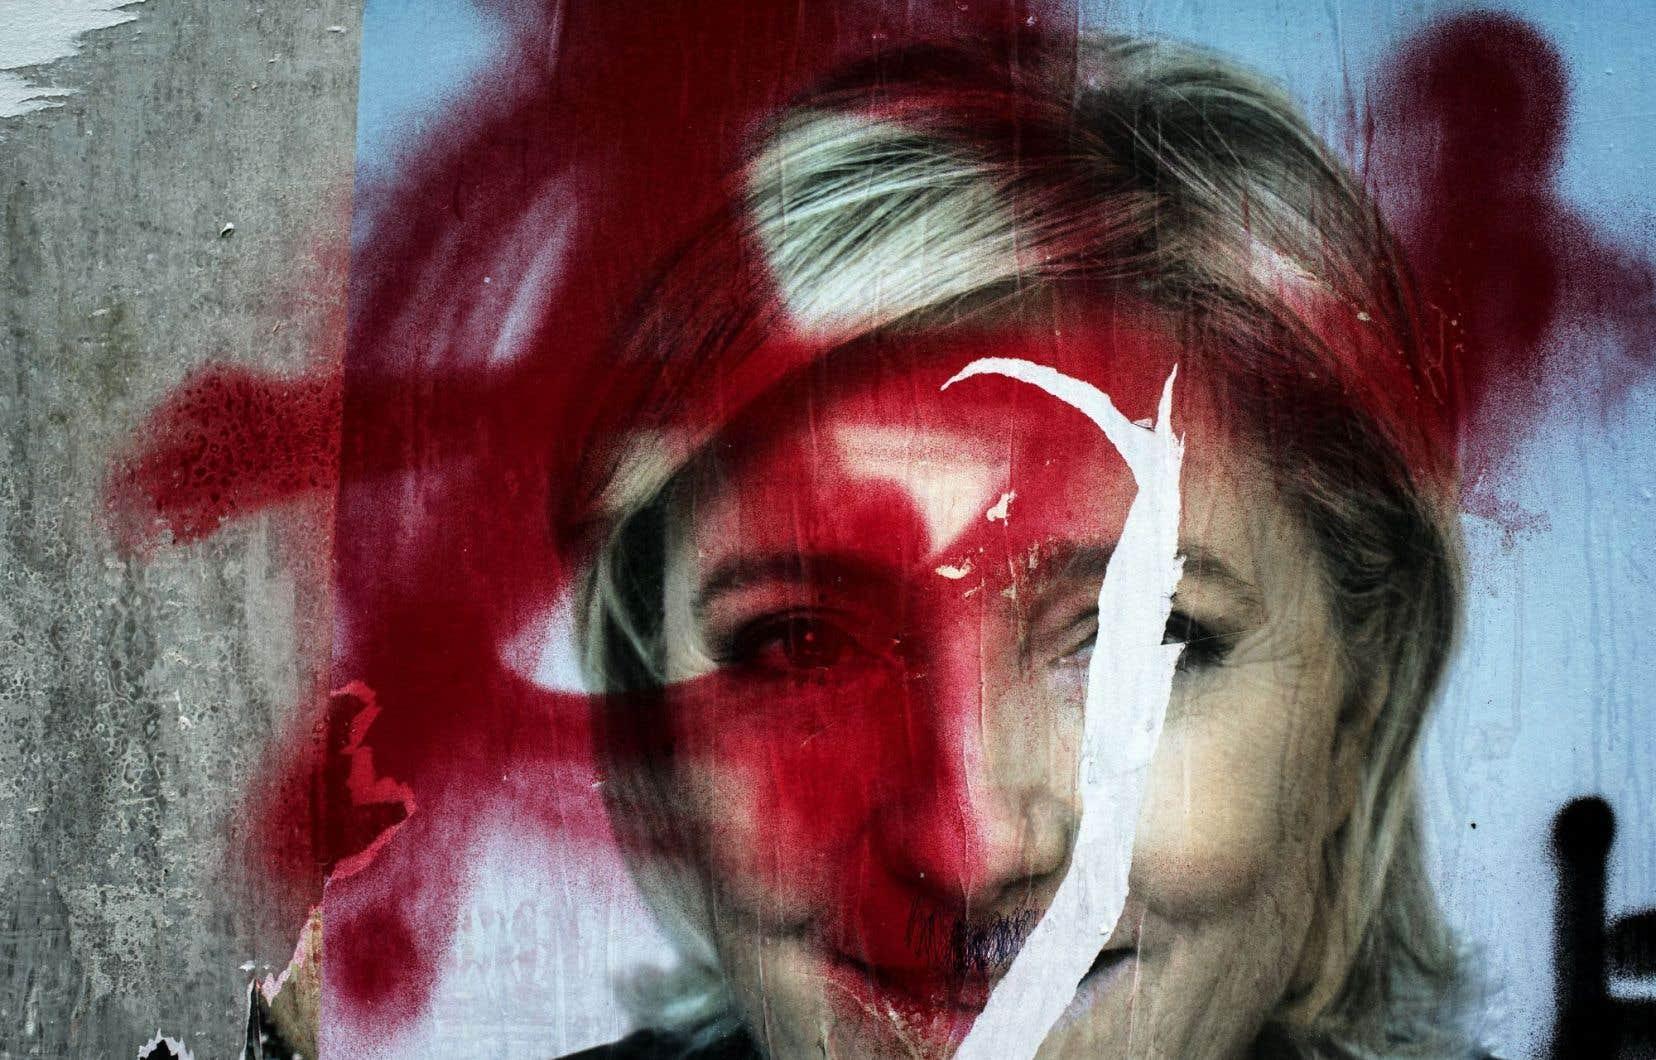 Des affiches électorales d'Emmanuel Macron et de Marine Le Pen ont été vandalisées à Lyon, à six jours du second tour de l'élection.